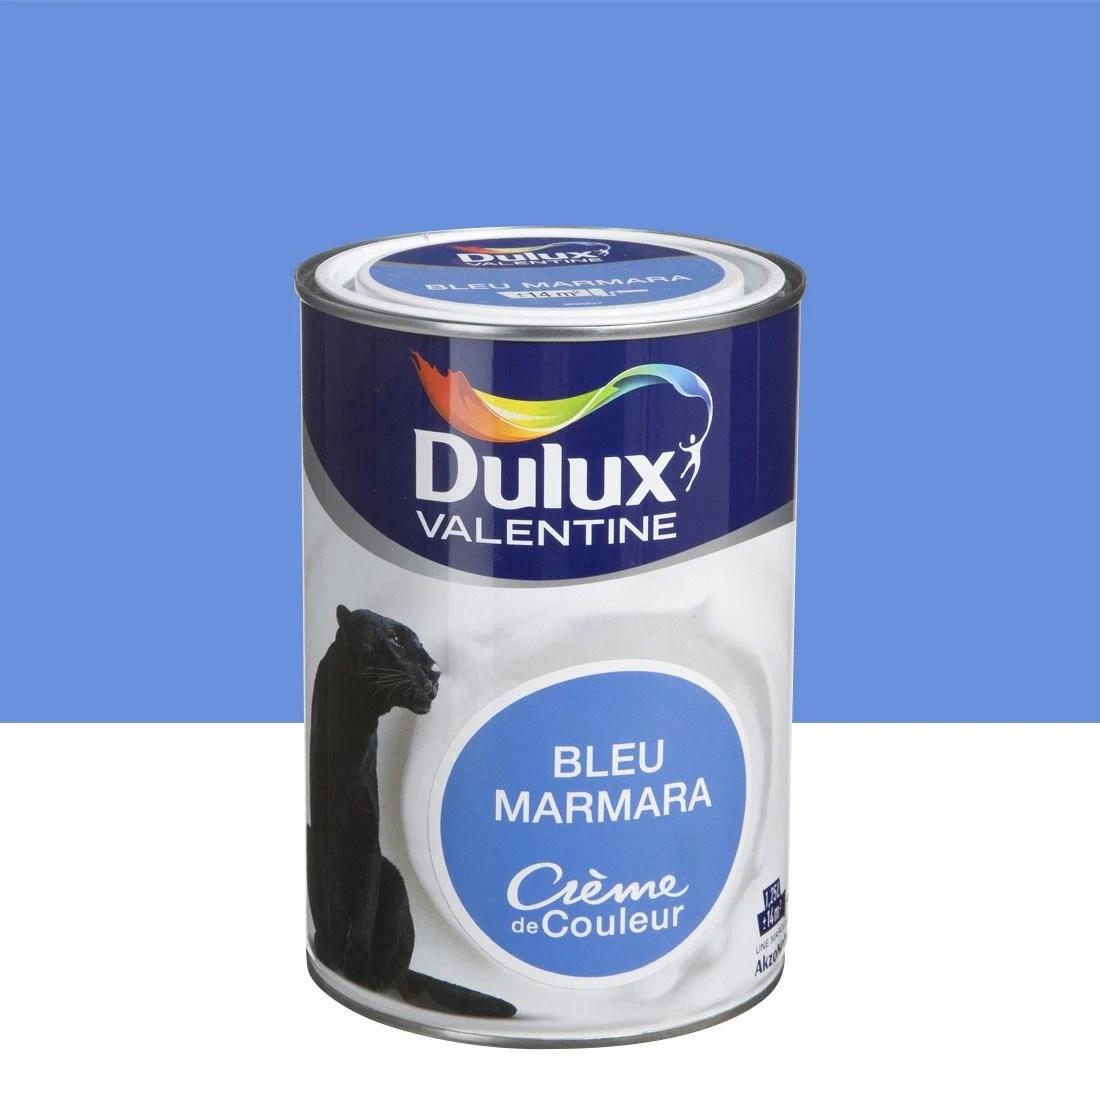 Peinture Bleu Marmara Satin DULUX VALENTINE Crme De